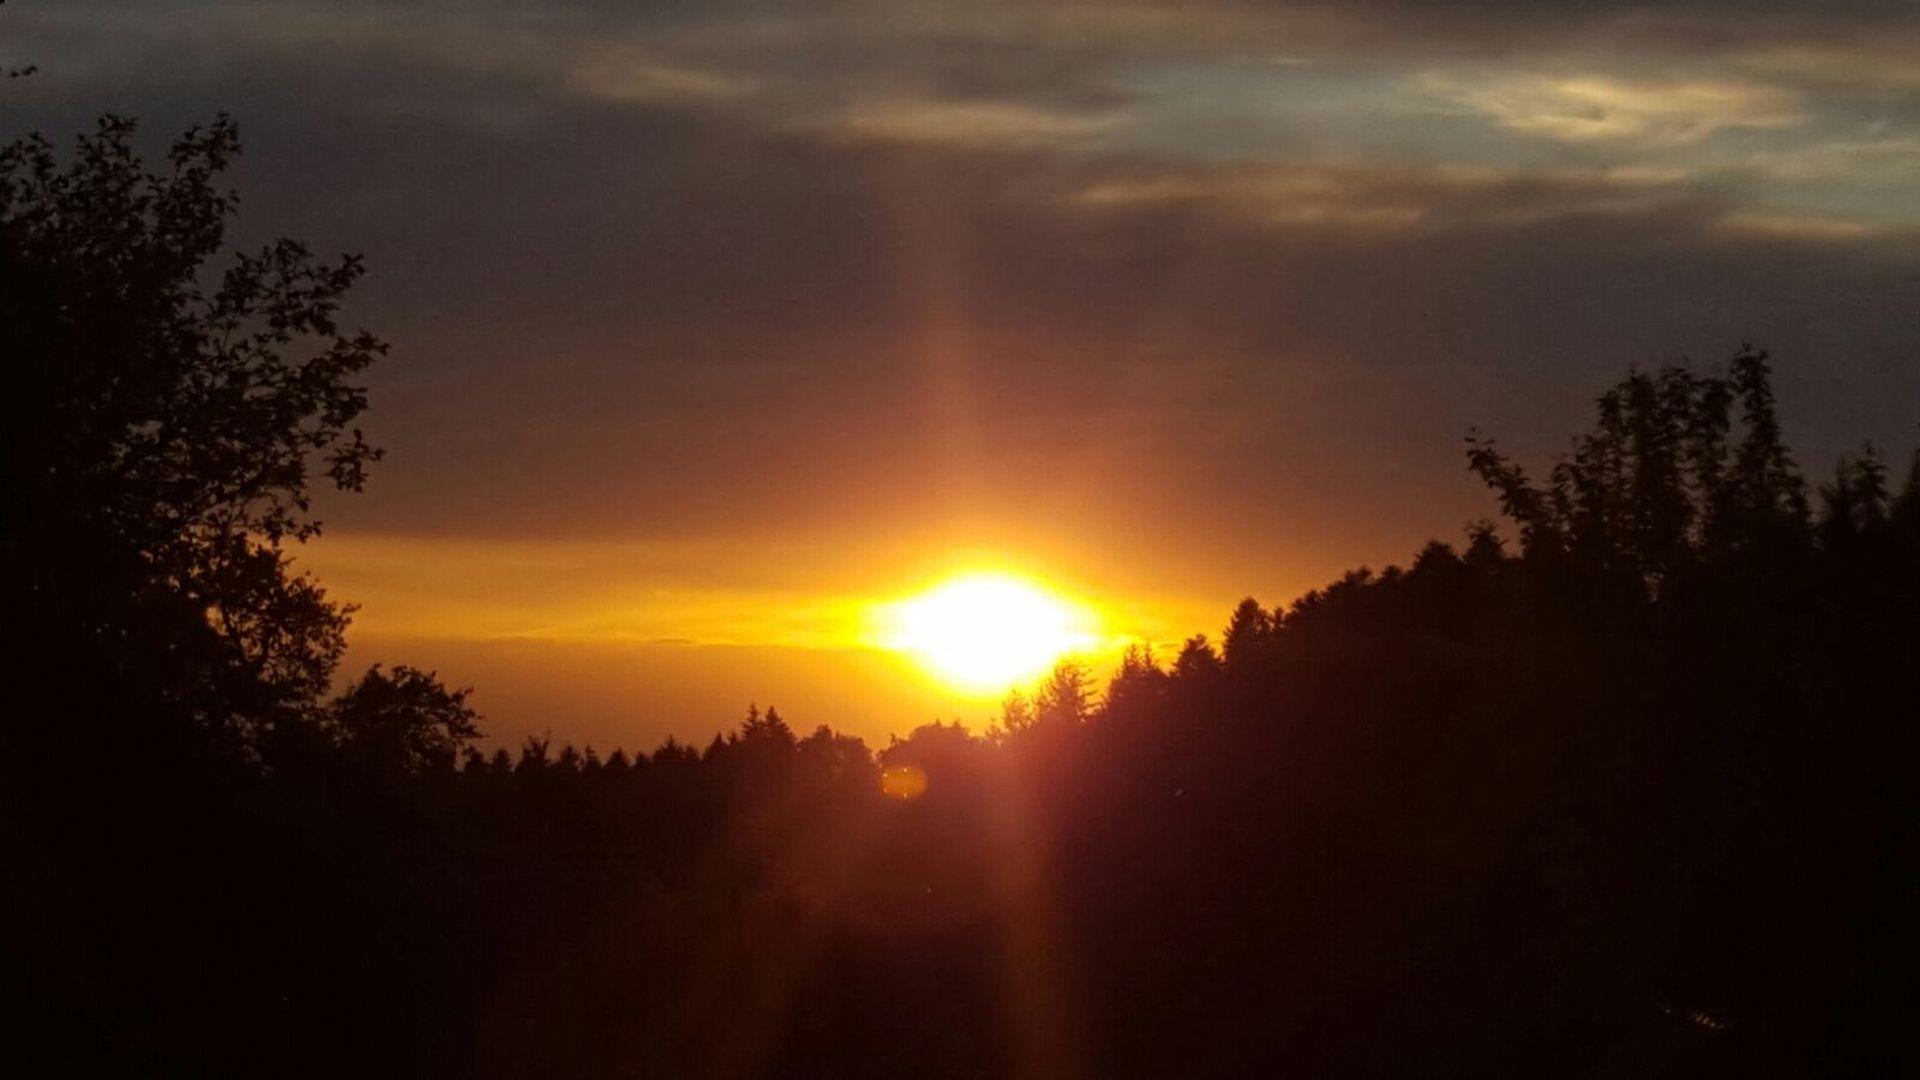 Sonnenuntergang am Wälderhof, wie bestellt